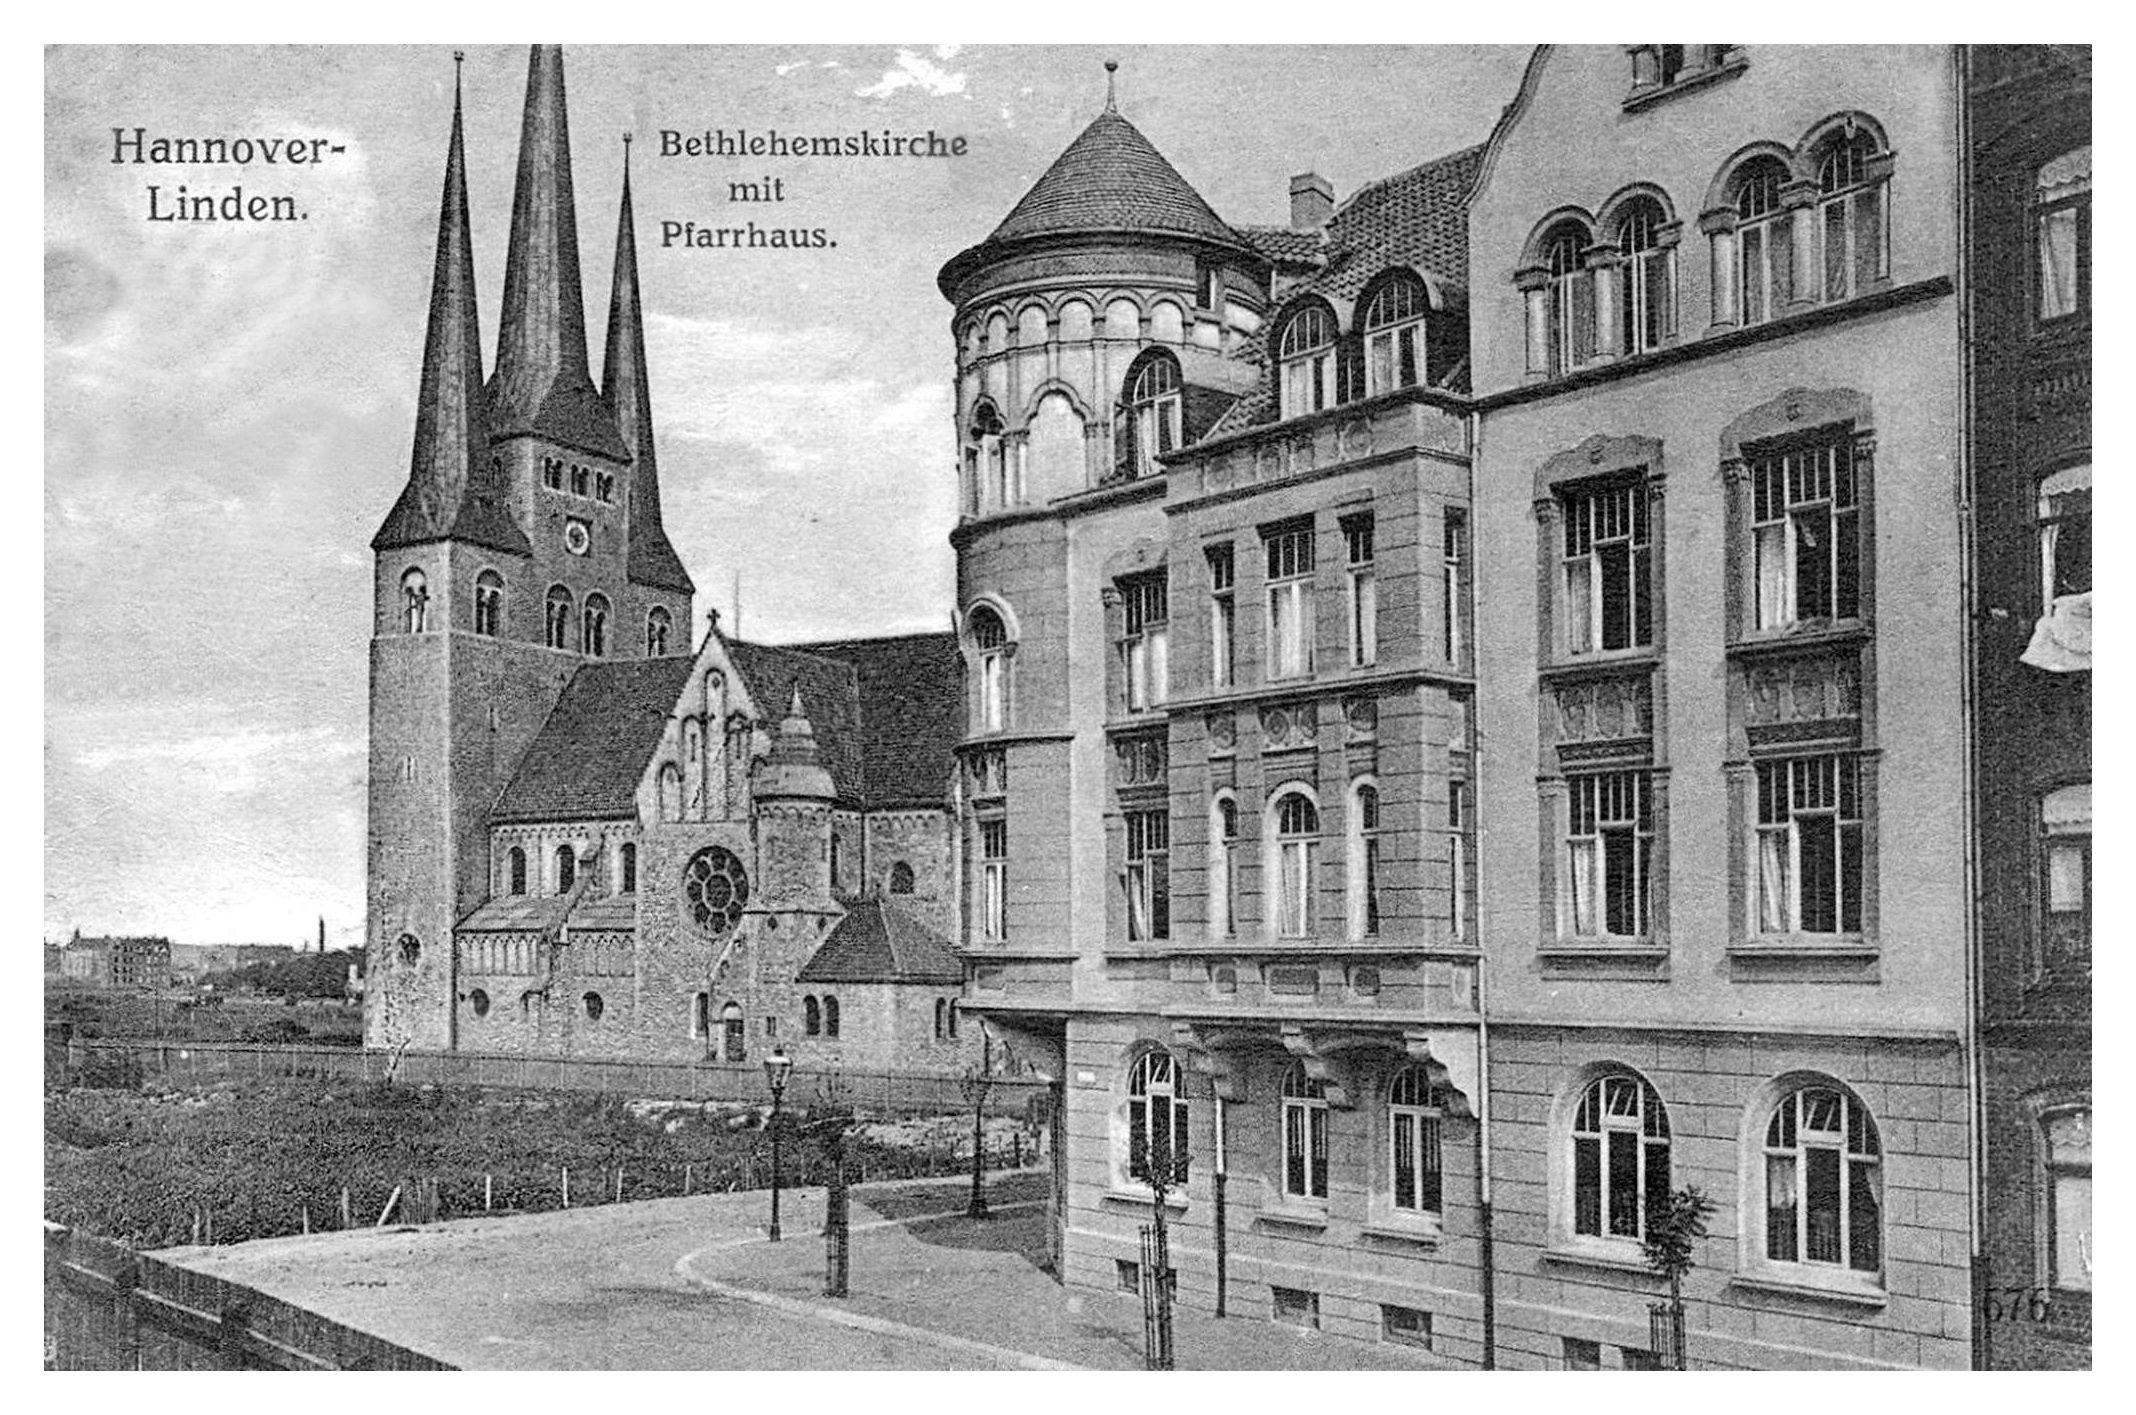 Hannover Linden Kuchengarten 50er Jahre Artofit